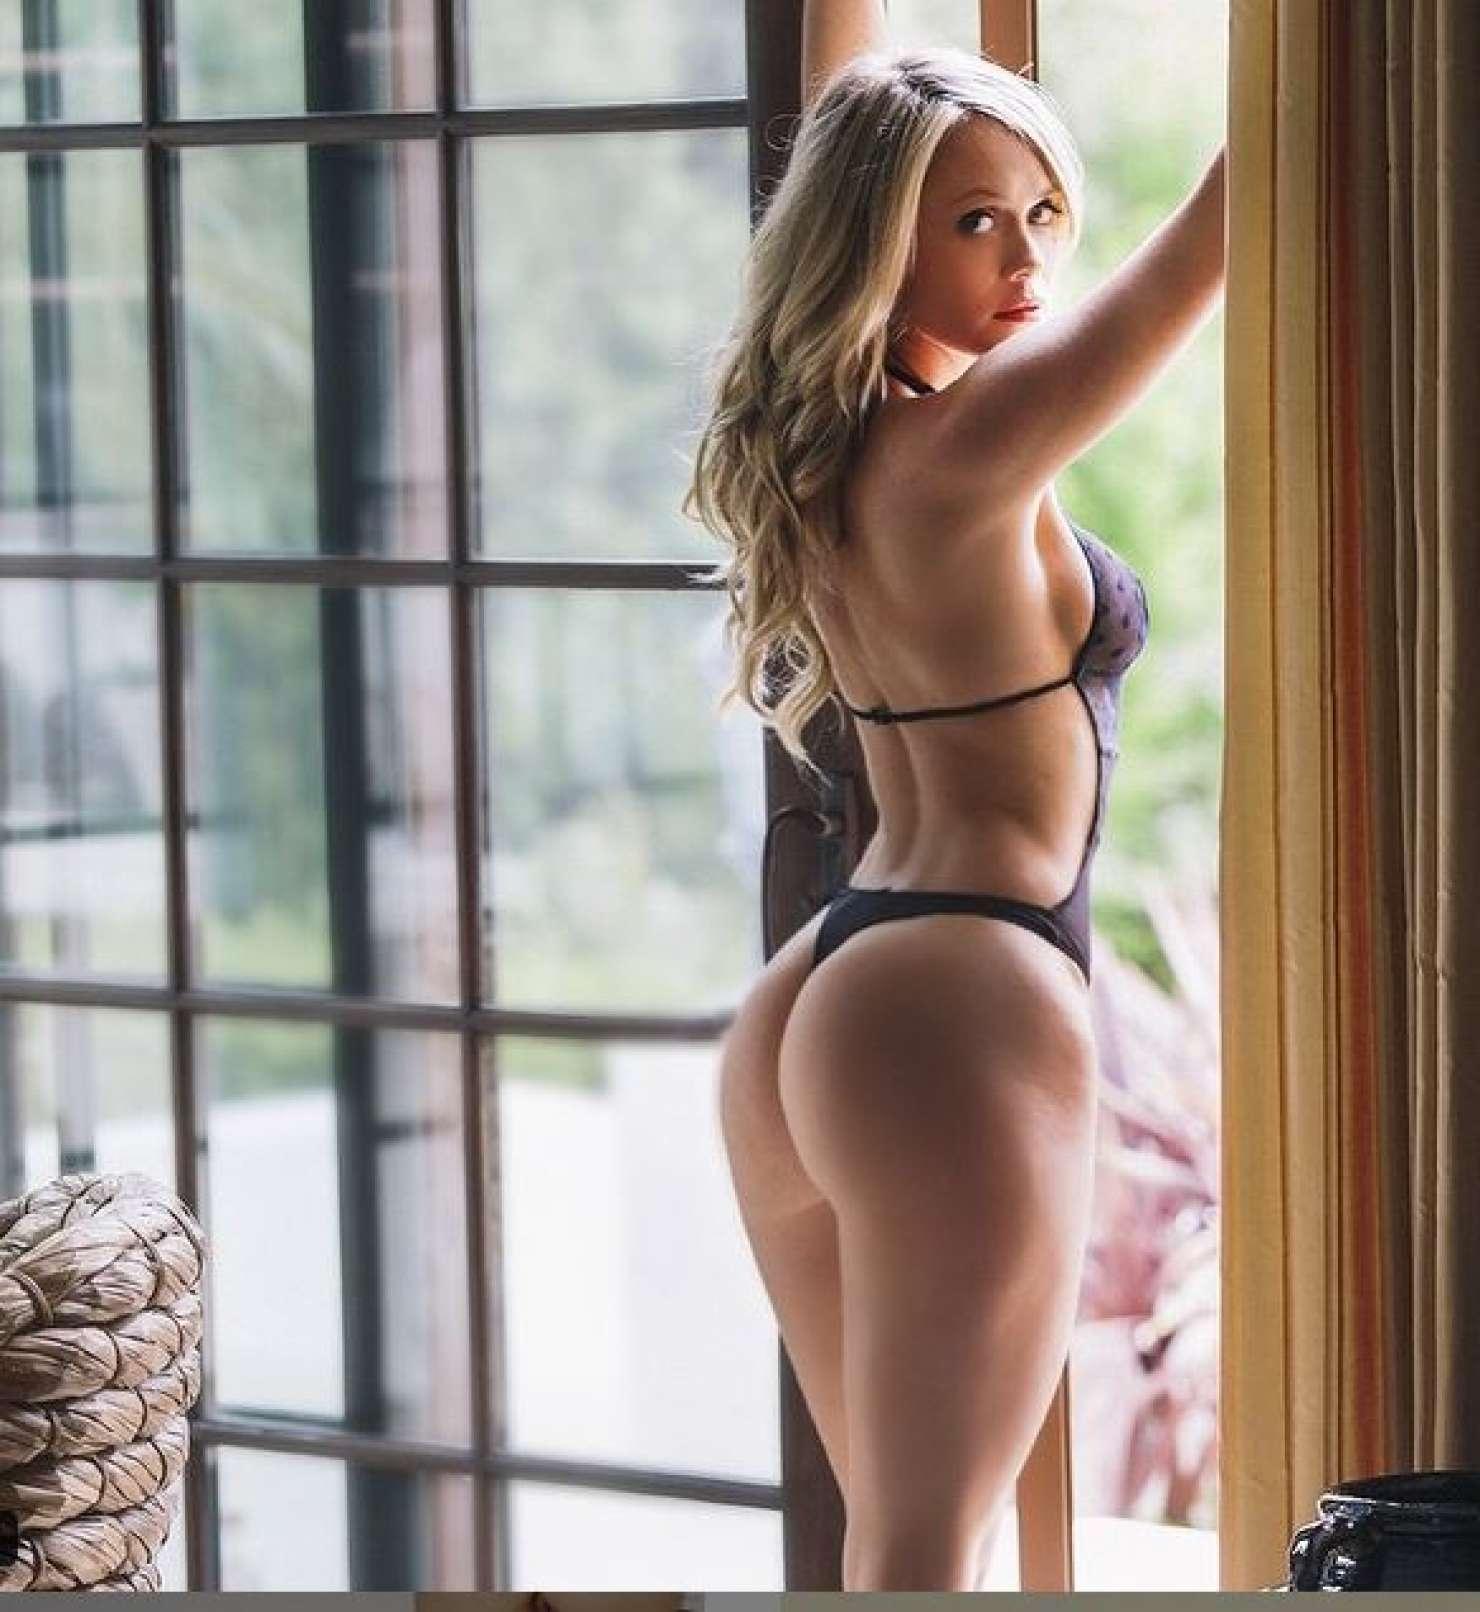 Katie May in a bikini - ass